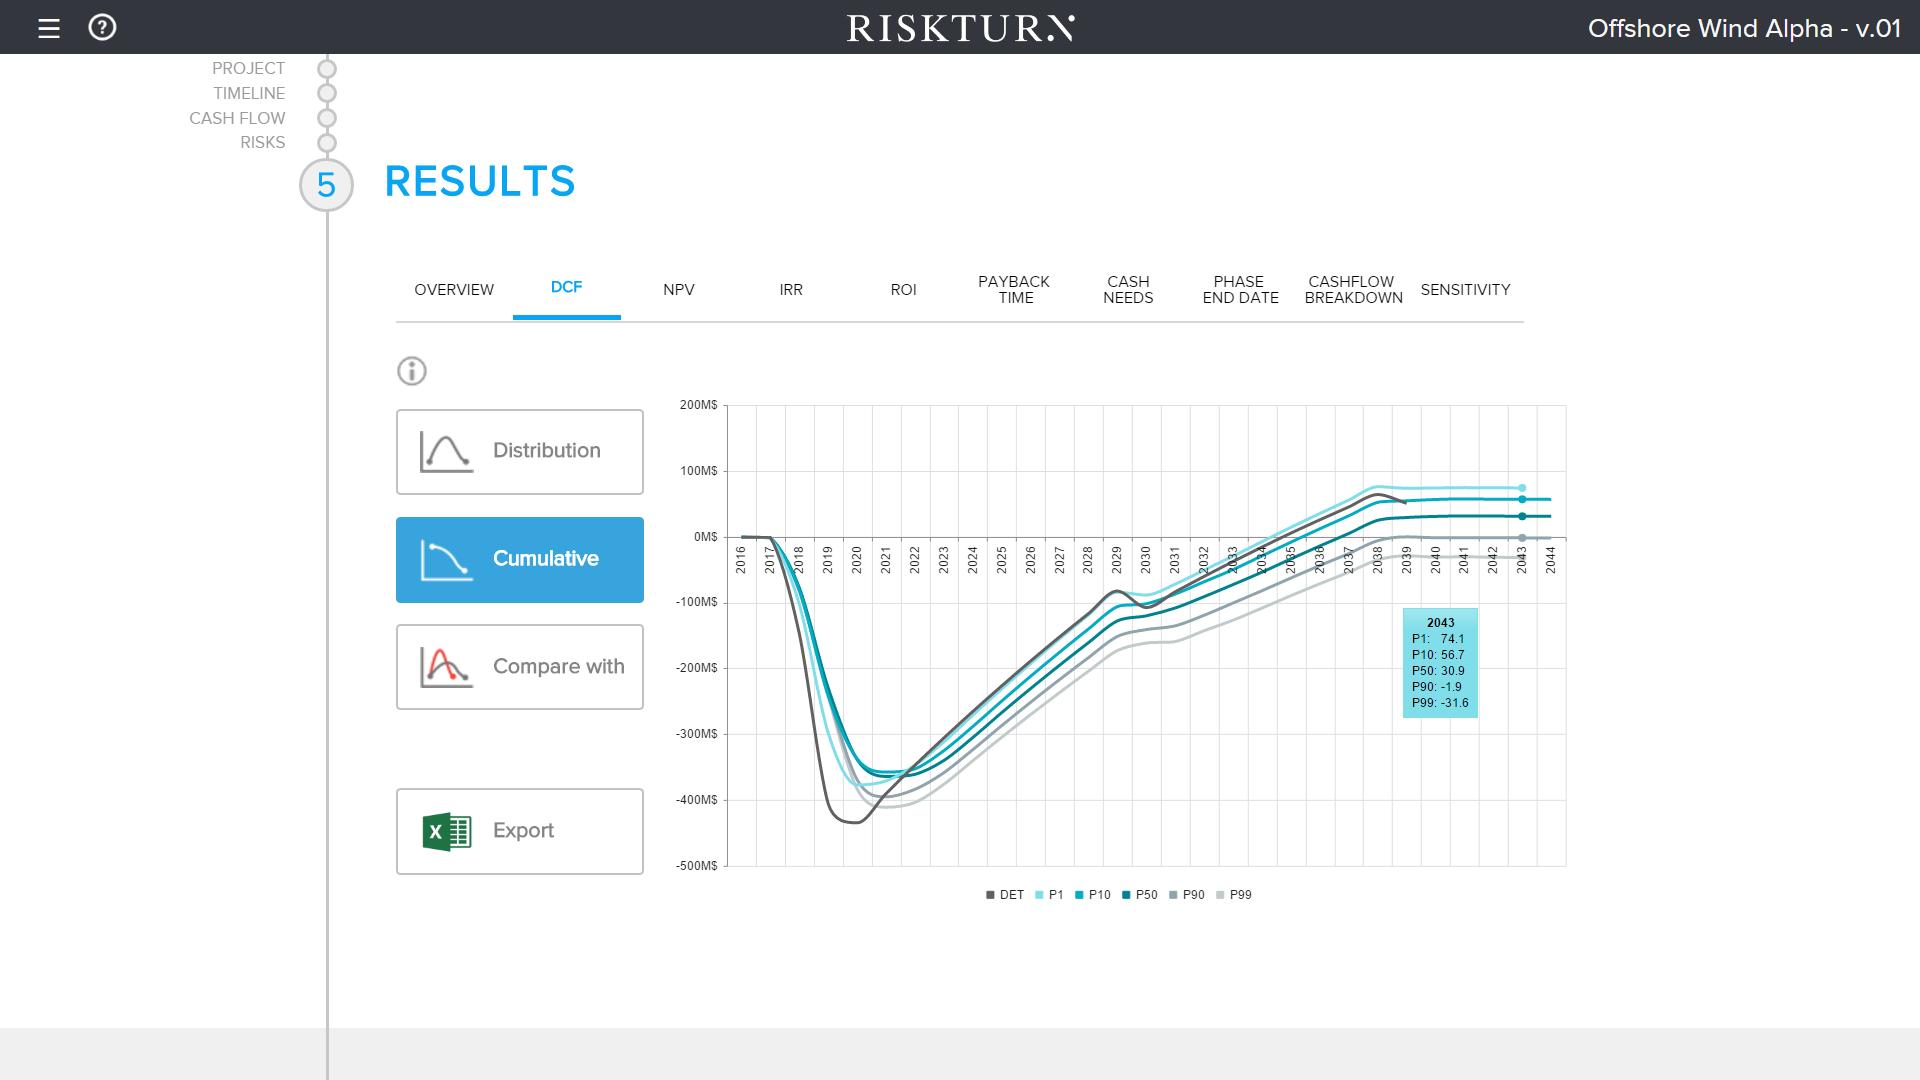 RISKTURN Software - DCF forecasting